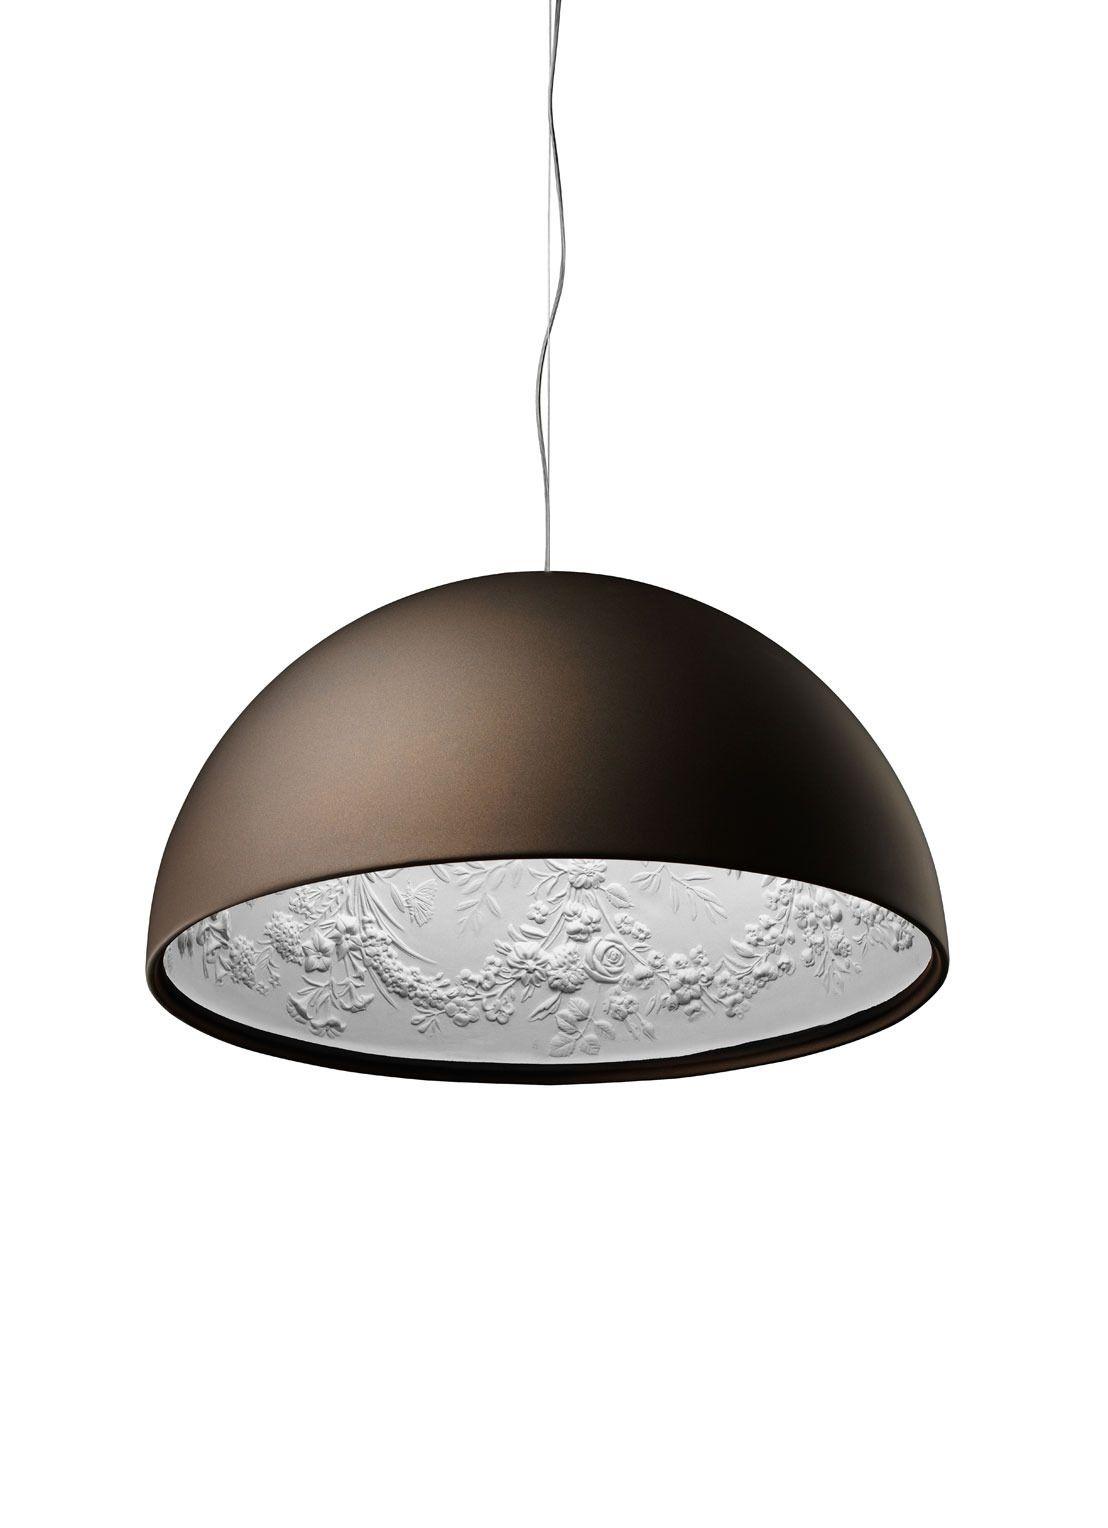 Flos | Flos Hanglamp Skygarden 2 • de Bijenkorf | Verlichting ...